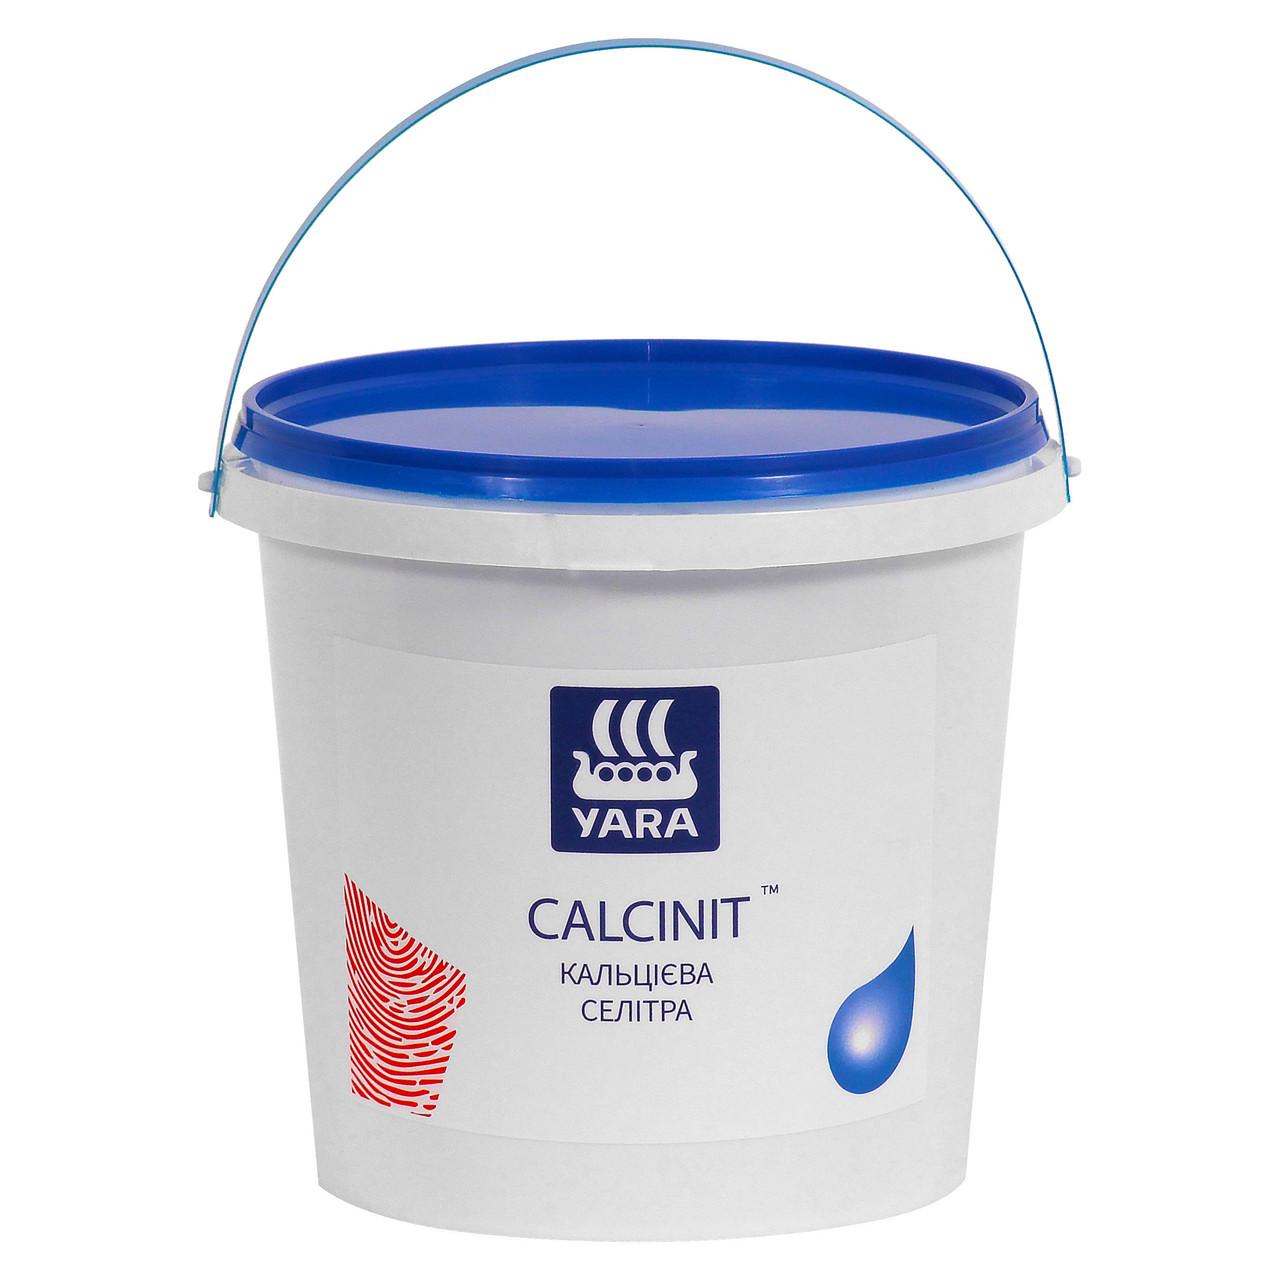 Азотное удобрение для арбуза, дыни, тыквы, кальциевая селитра, Яра Кальцинит, Yara CALCINIT, (2,5 кг)